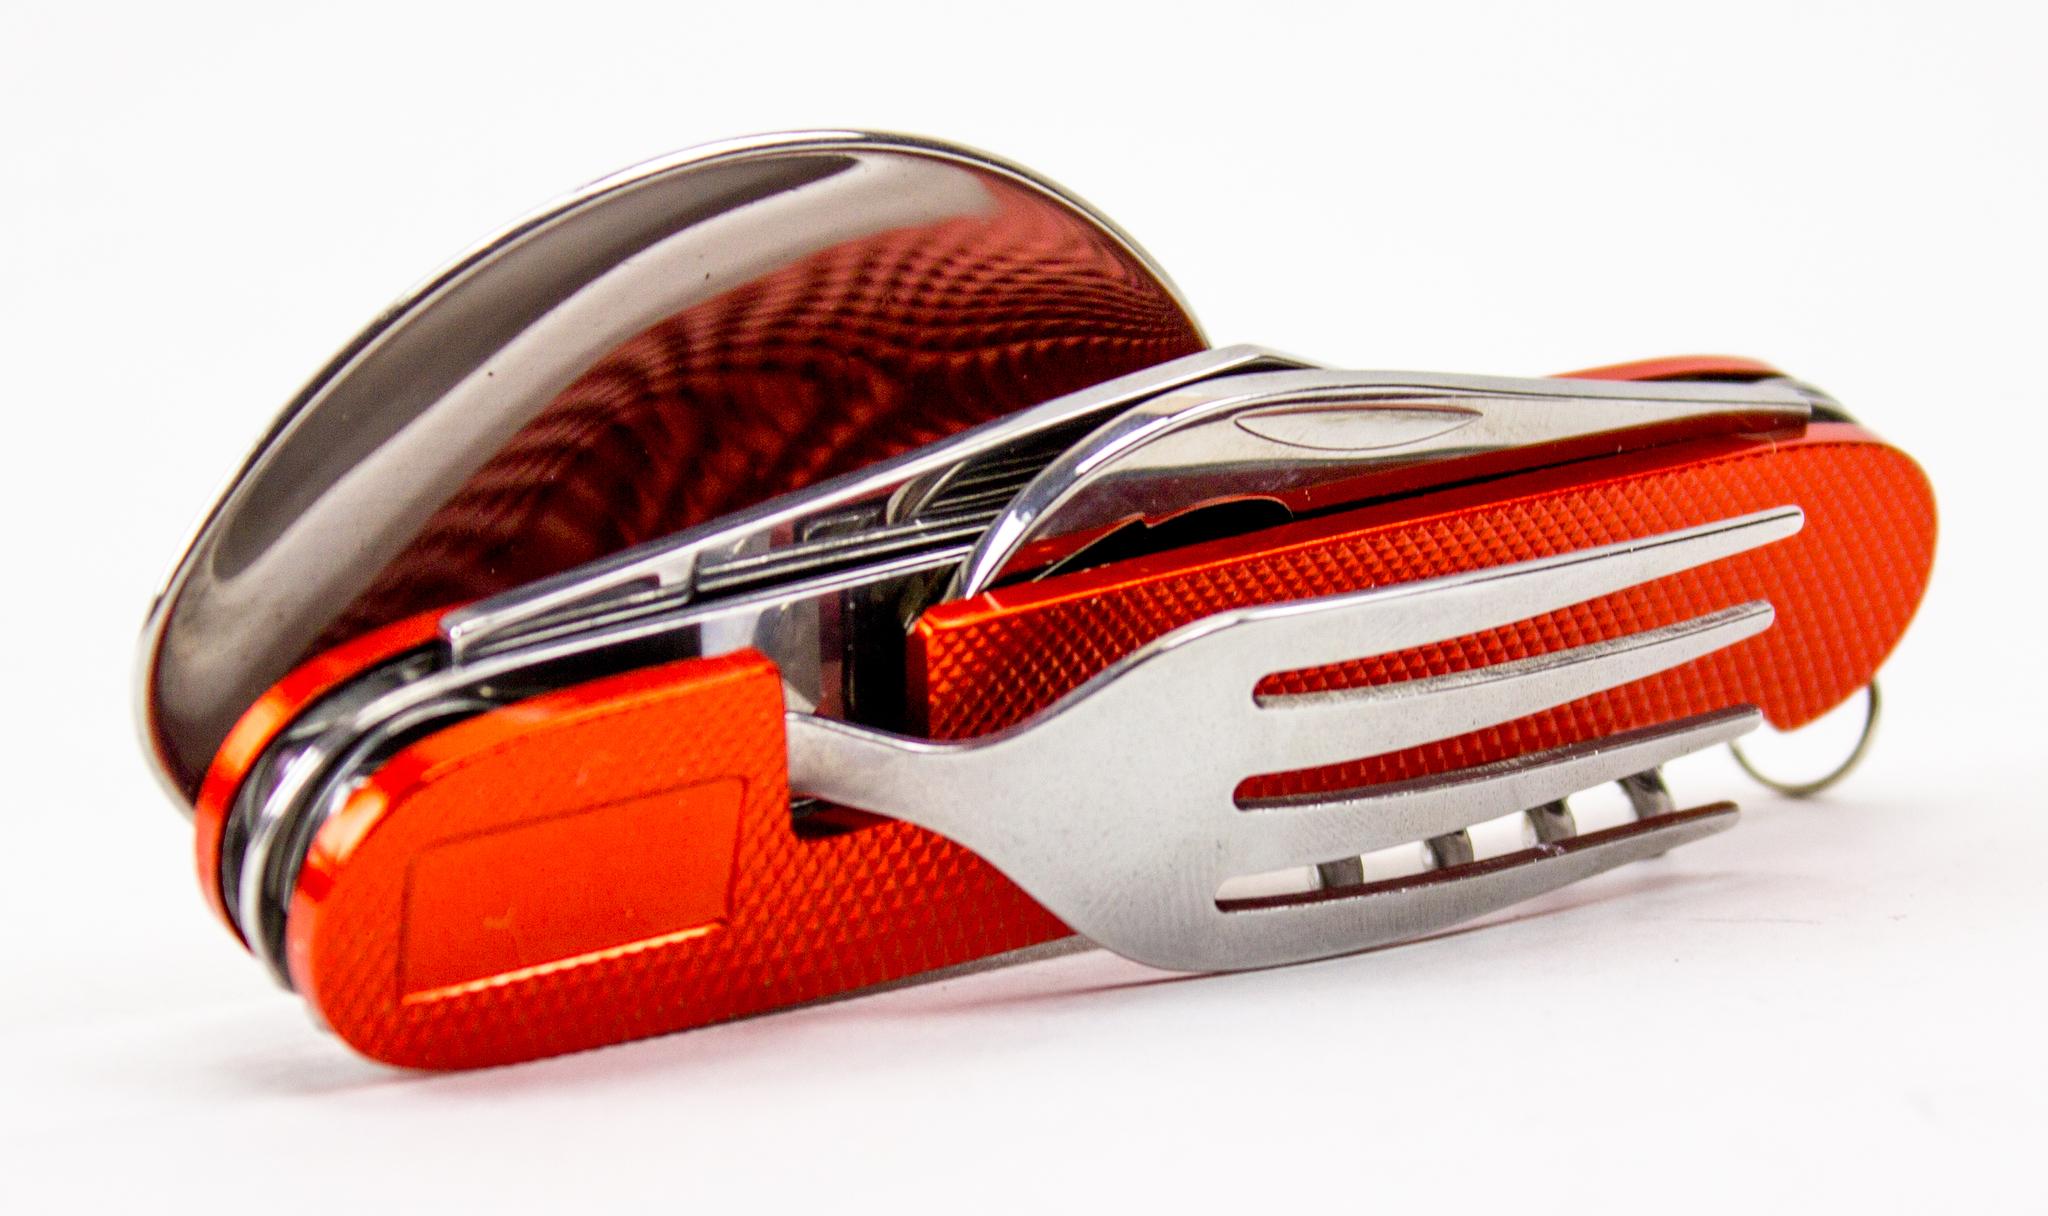 Походный нож 6-в-1, оранжевыйРаскладные ножи<br>Длина клинка: 73 ммТолщина лезвия: 2,5 ммОбщая длина: 110 ммМатериал рукояти: СтальСталь: 420Количество лезвий: 6<br>Комплектуется: ножом, ложкой, вилкой, открывалкой, консервным ножом, штопором. Для удобства использования разделяется на 2 части.<br>